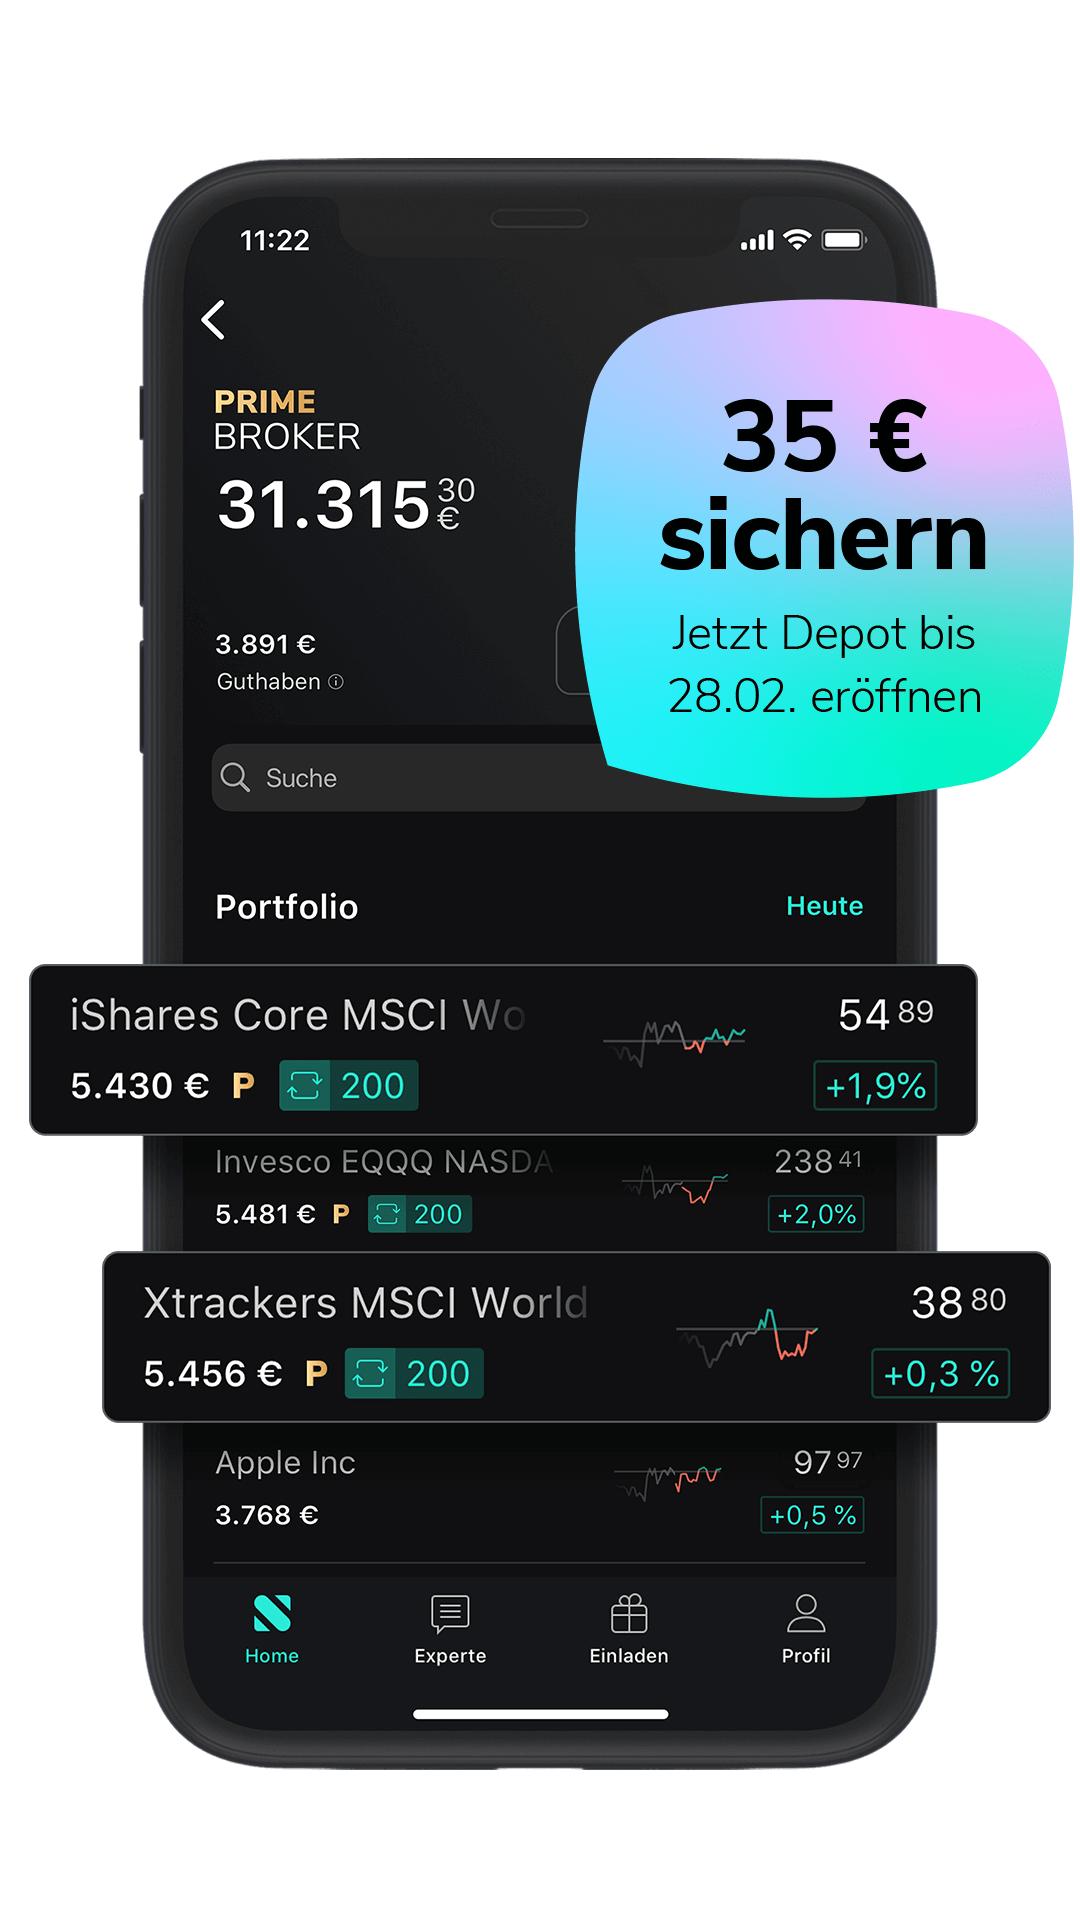 Scalable Capital Neukunden und Bestandskunden im free/flex: 12 Monate Prime Broker für 0,88€